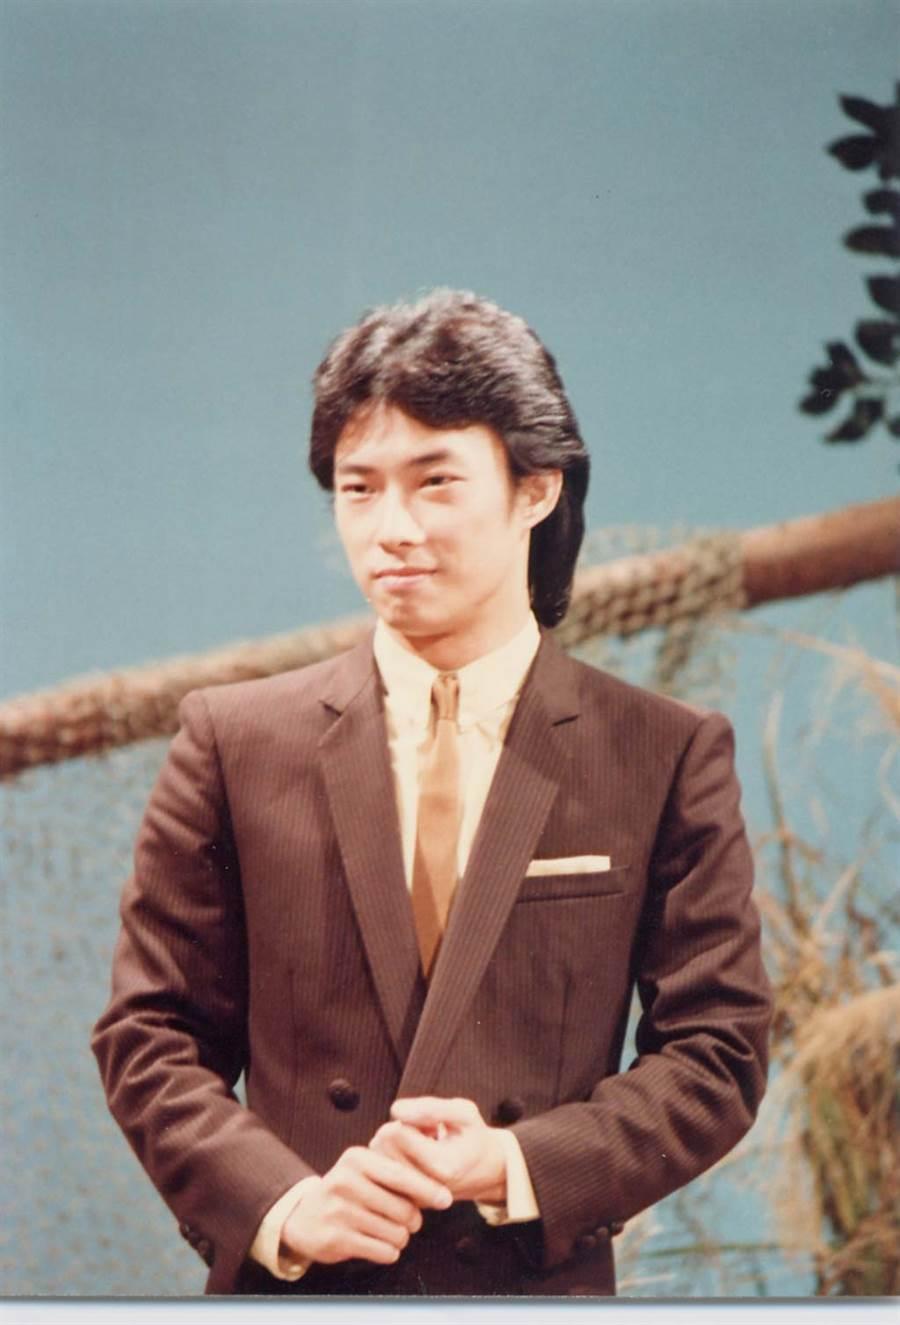 費玉清年輕時,跟日本女星安井千惠有過論及婚嫁的深刻感情。(中時資料照片)